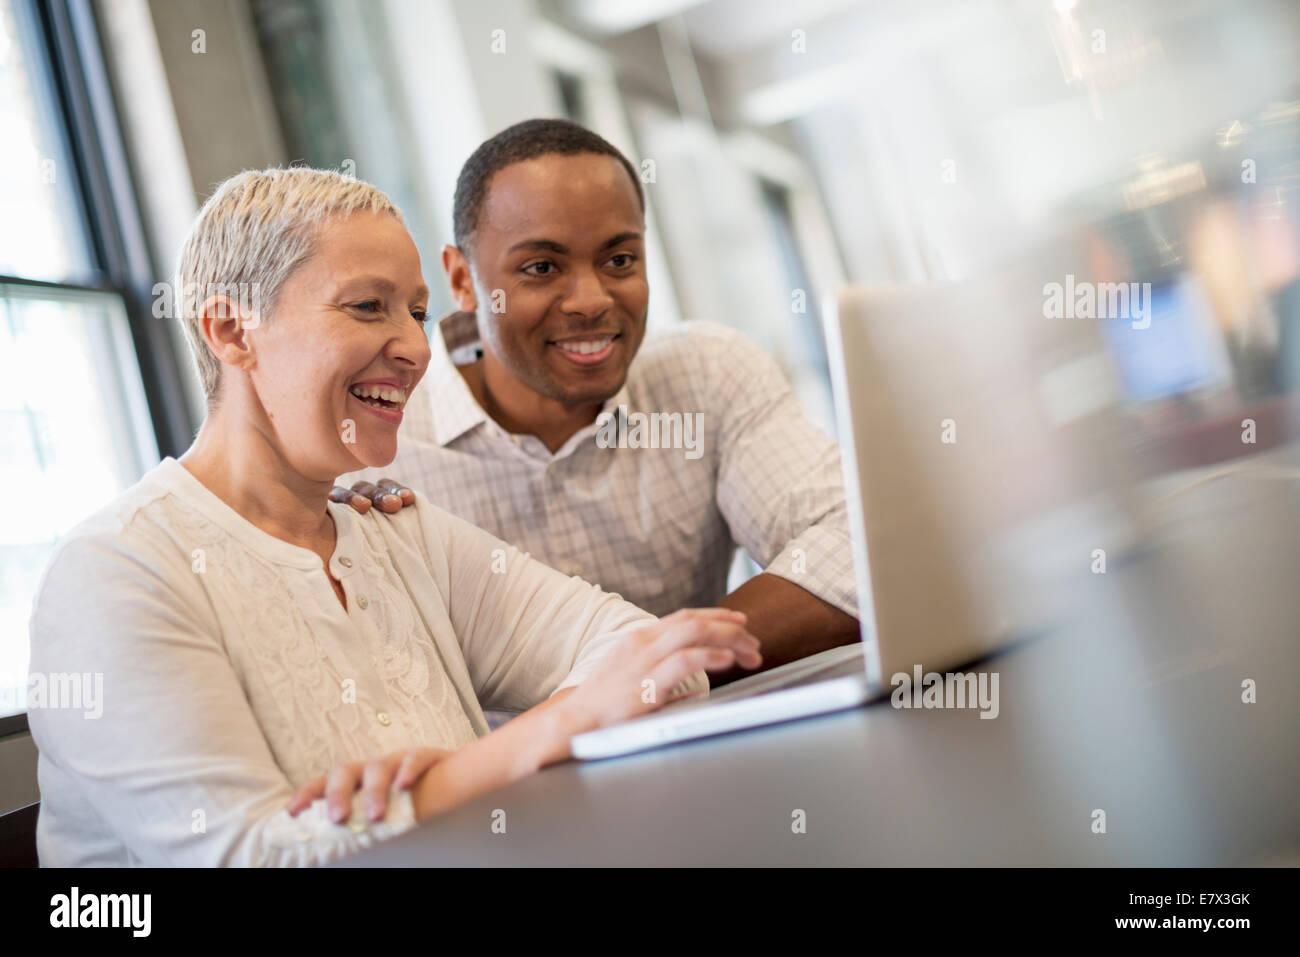 Vida de oficina. Dos personas, un hombre y una mujer mirando una pantalla de ordenador portátil y riendo. Imagen De Stock